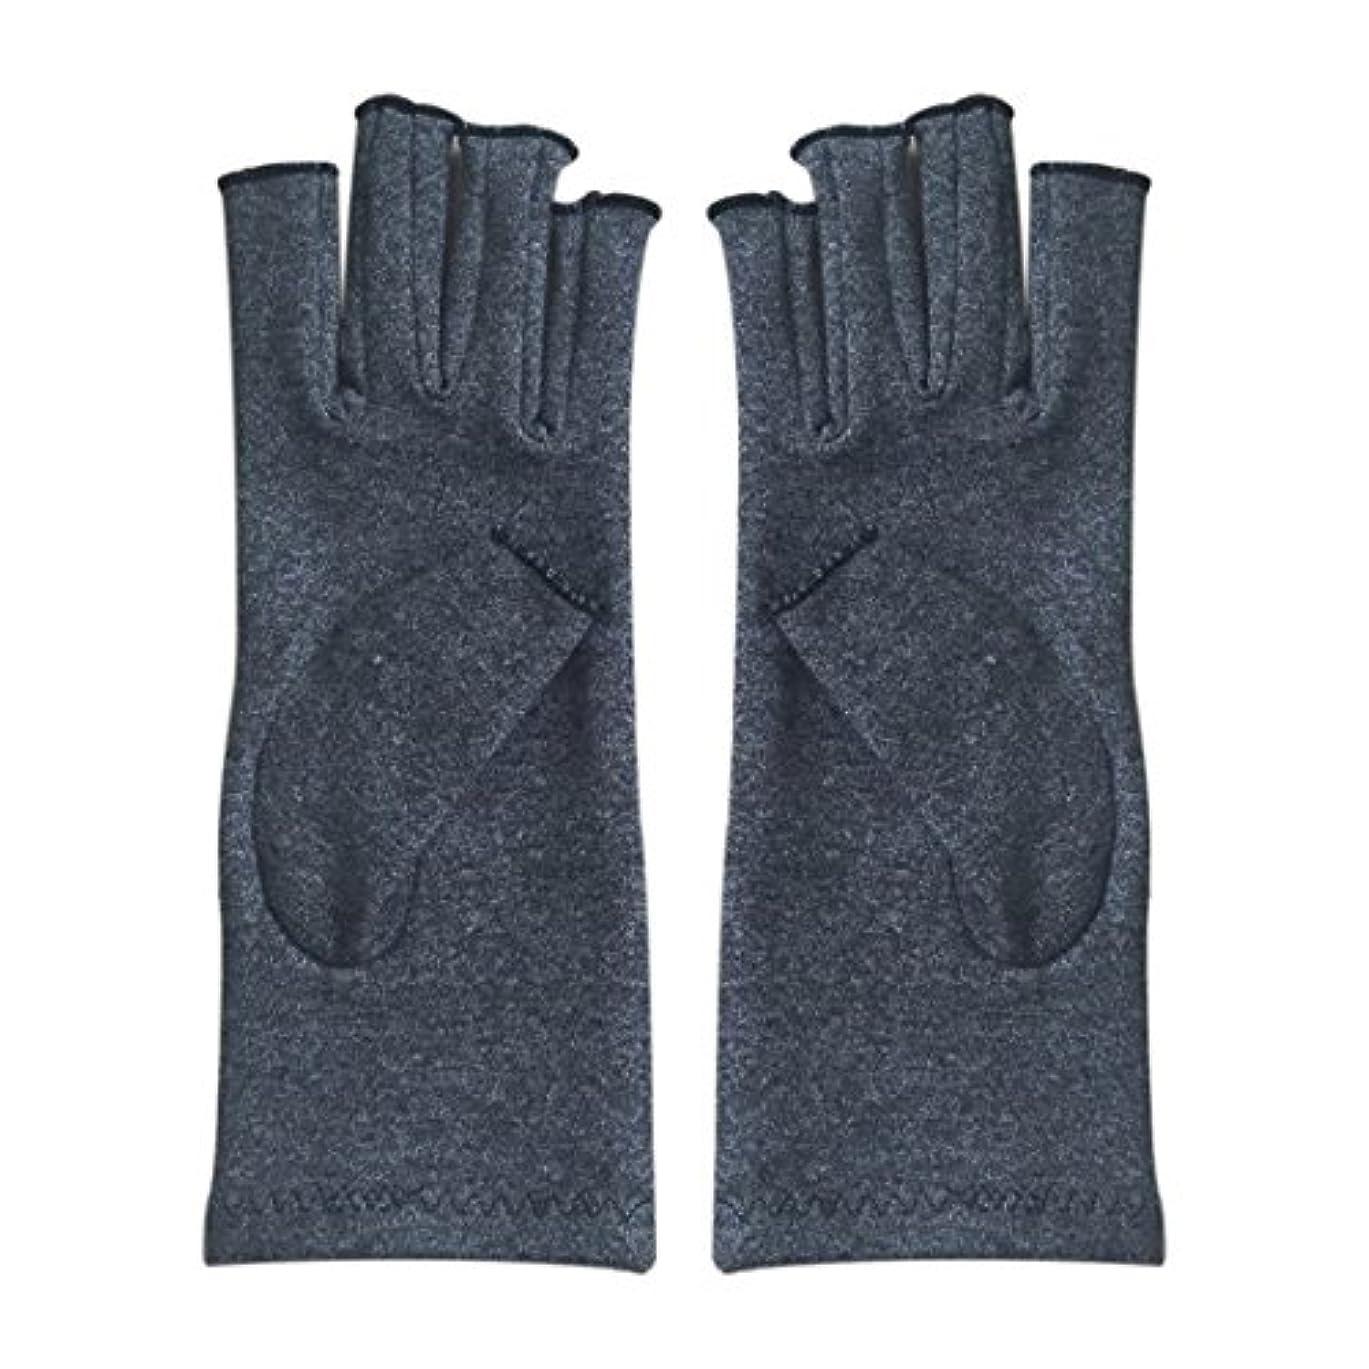 省略不正キャンバスGaoominy 1ペア成人男性女性用弾性コットンコンプレッション手袋手関節炎関節痛鎮痛軽減M - 灰色、M